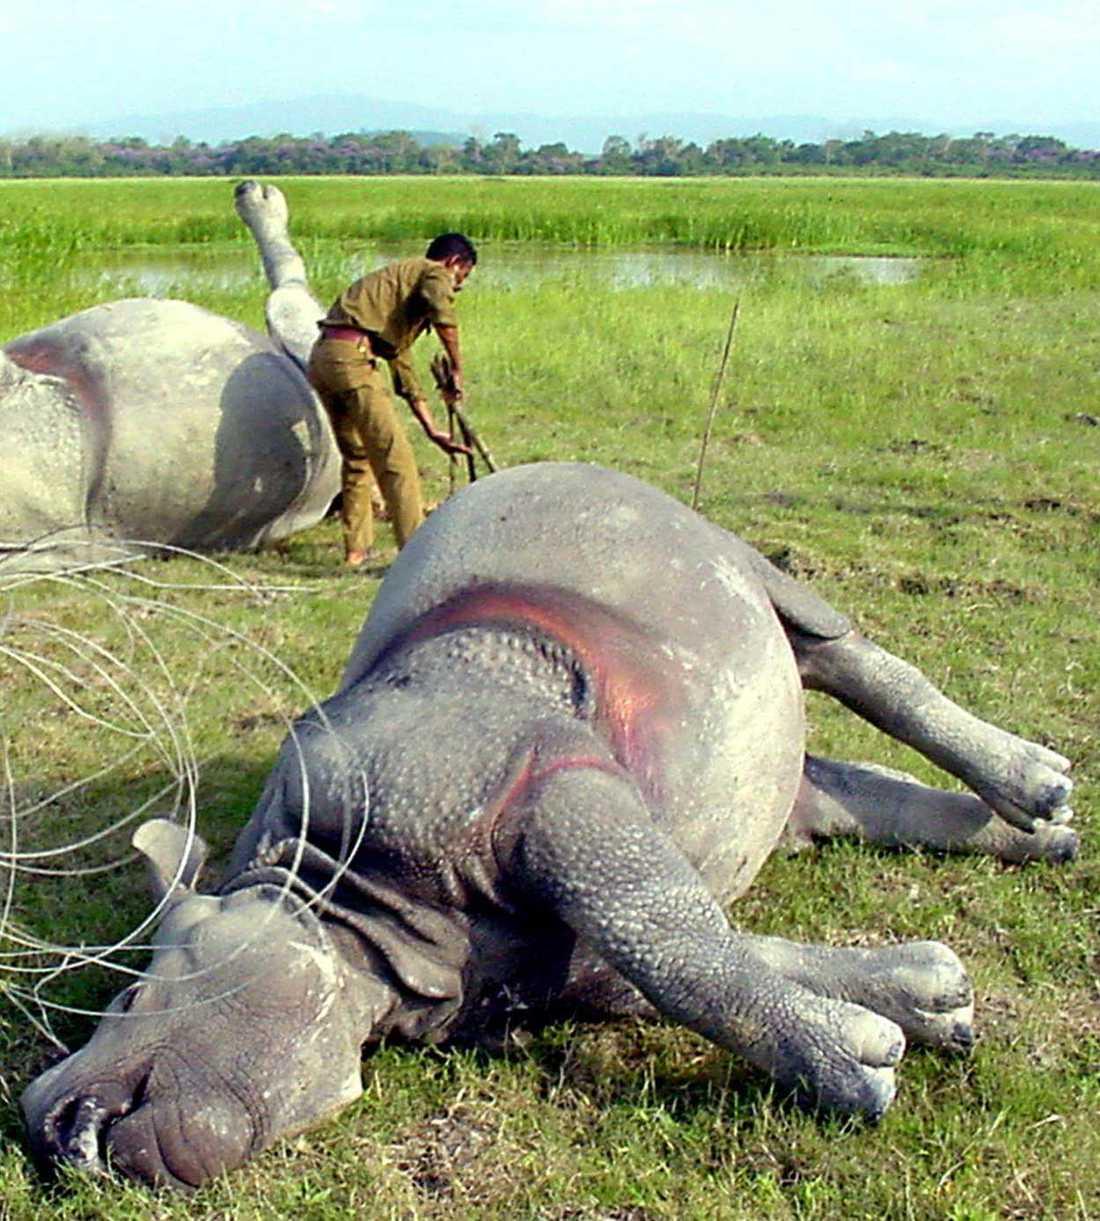 Noshörningar dödade av tjuvskyttar för sina horn, här i ett naturreservat i Indien.